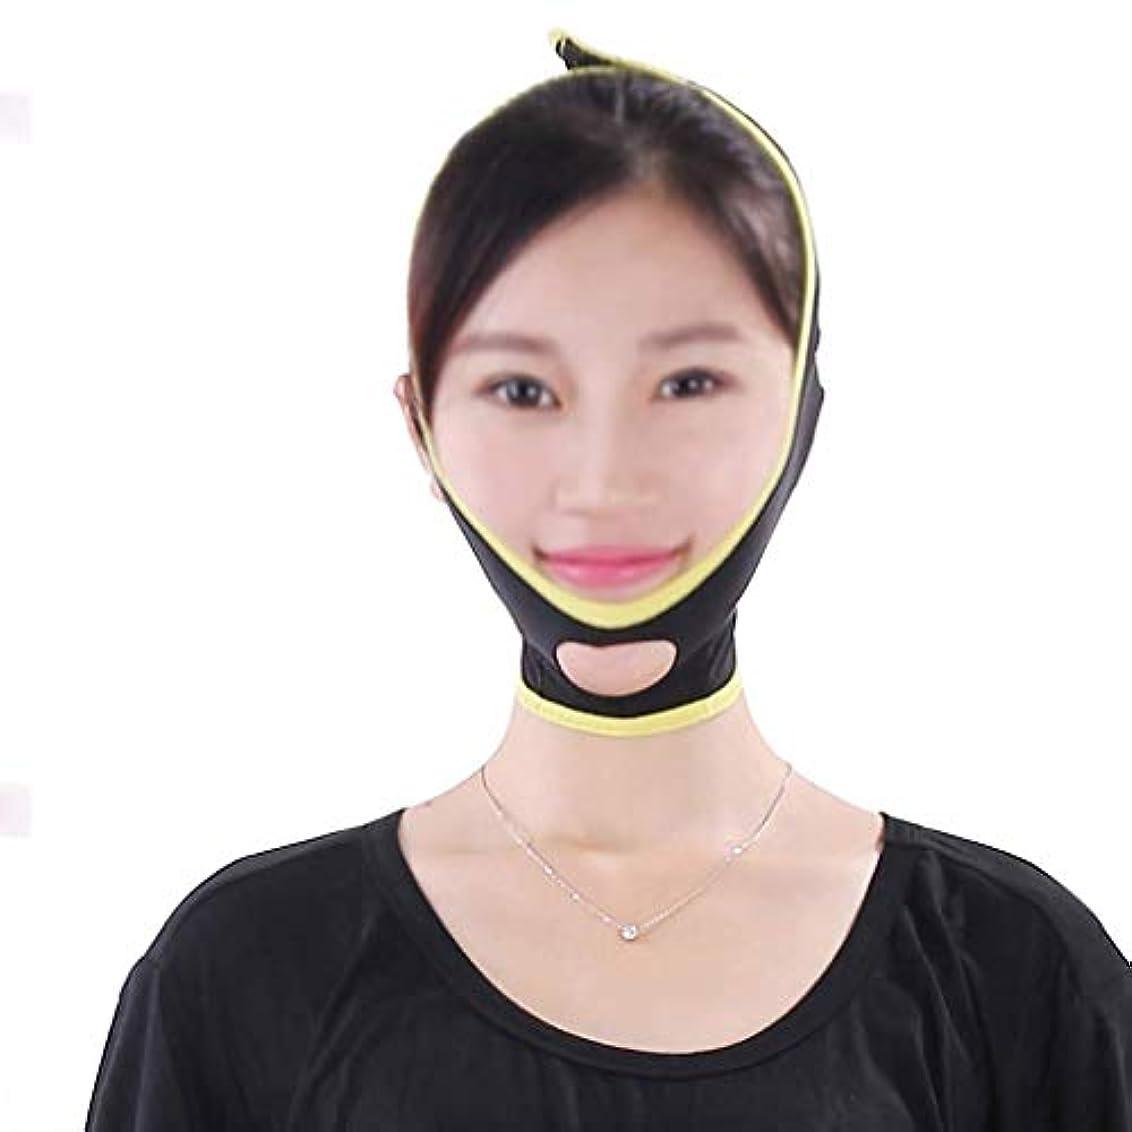 サンダー充実コーヒー顔のマスク、男性と女性の顔を持ち上げるアーティファクト包帯美容リフティングファーミングサイズVフェイスダブルチンスリープマスク埋め込みシルクカービングスリミングベルト(サイズ:L)